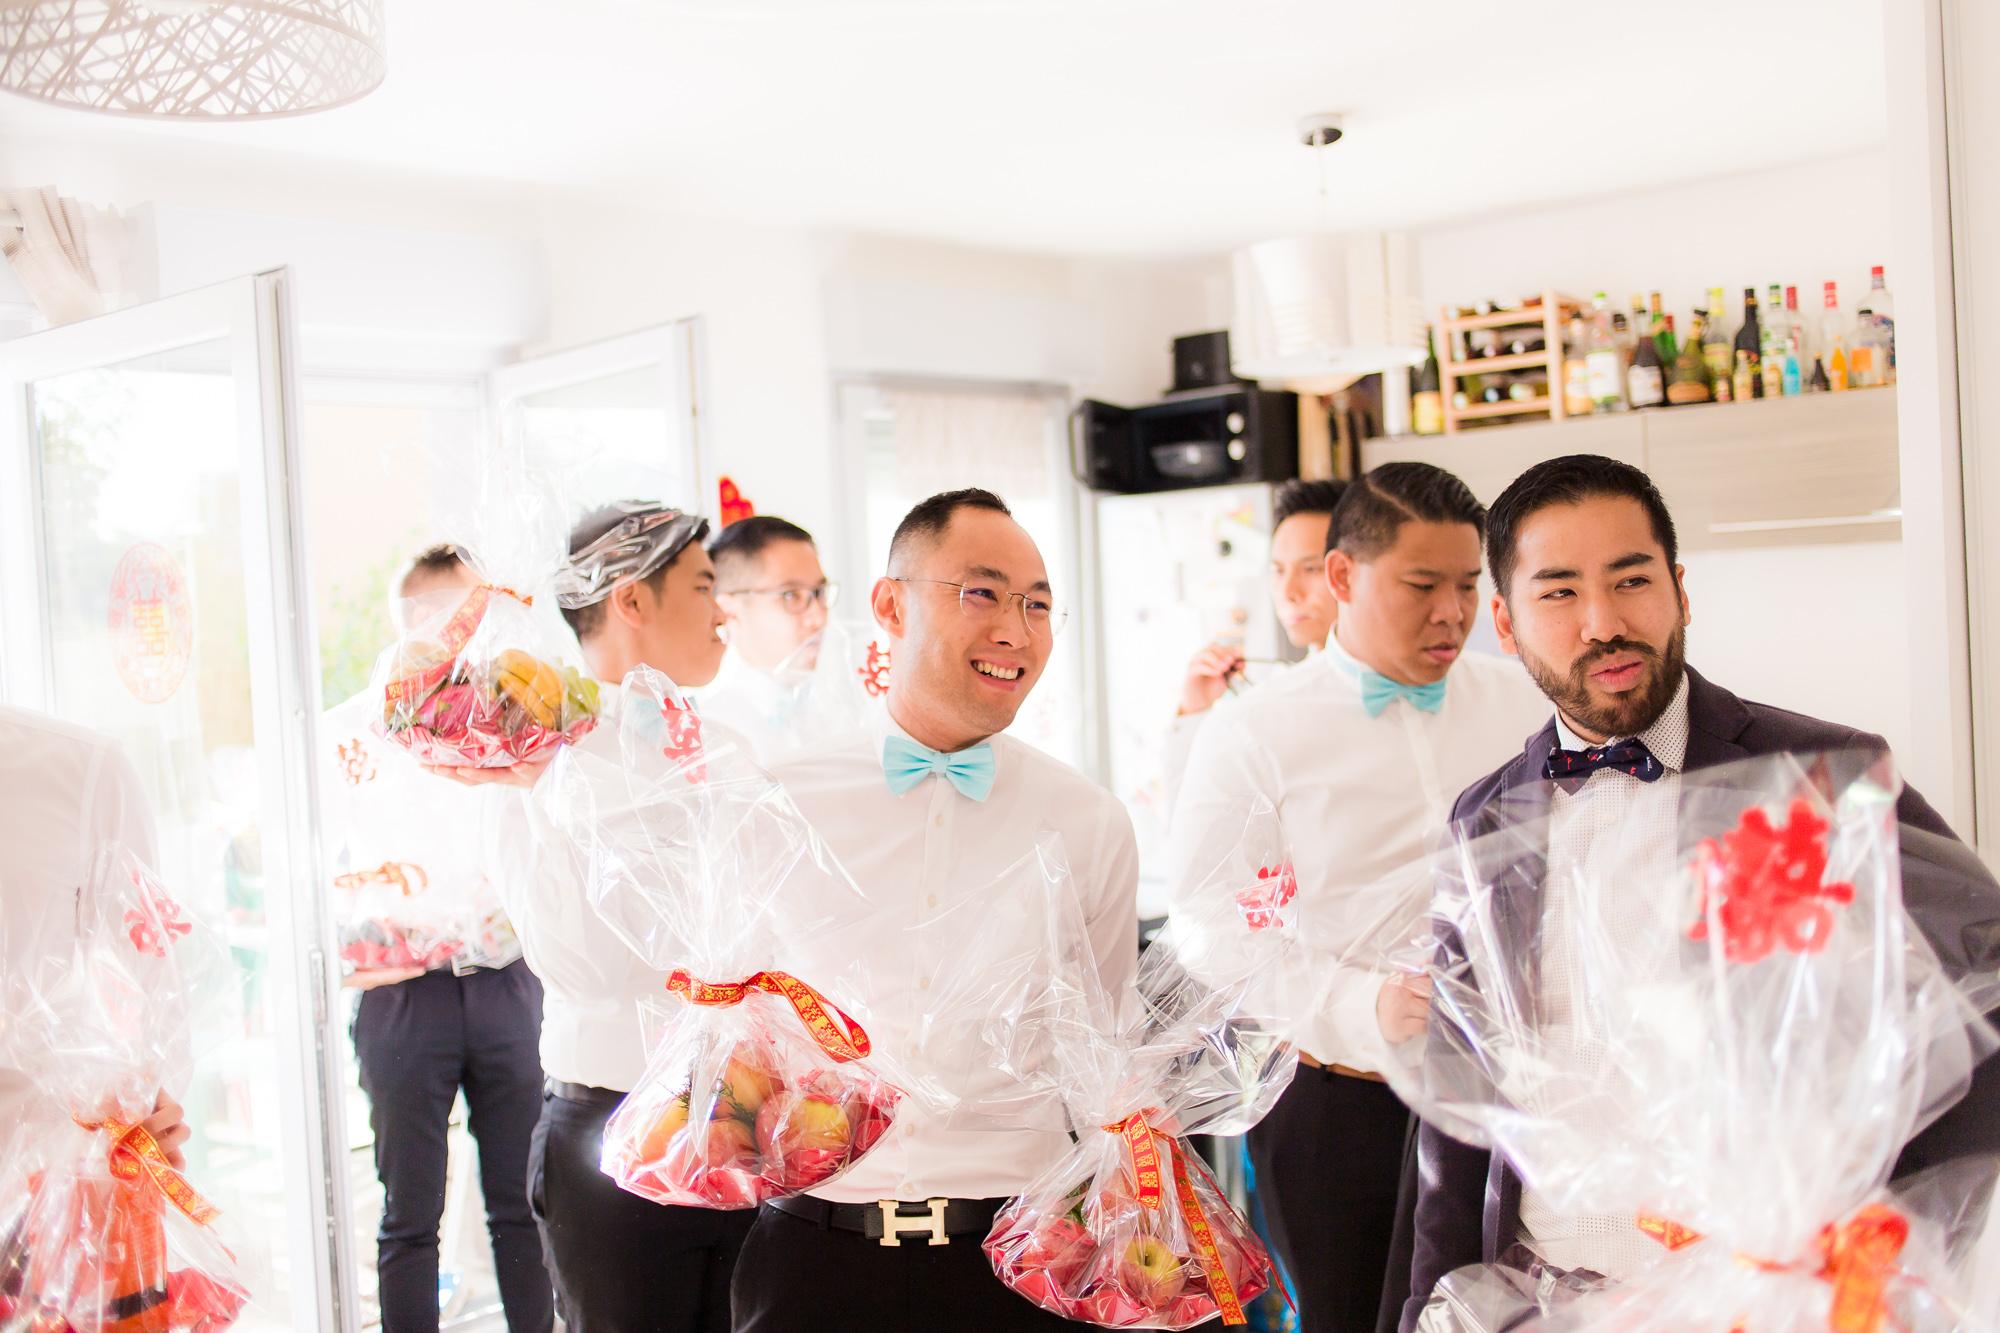 Mariage au Manoir des Cygnes grooms men